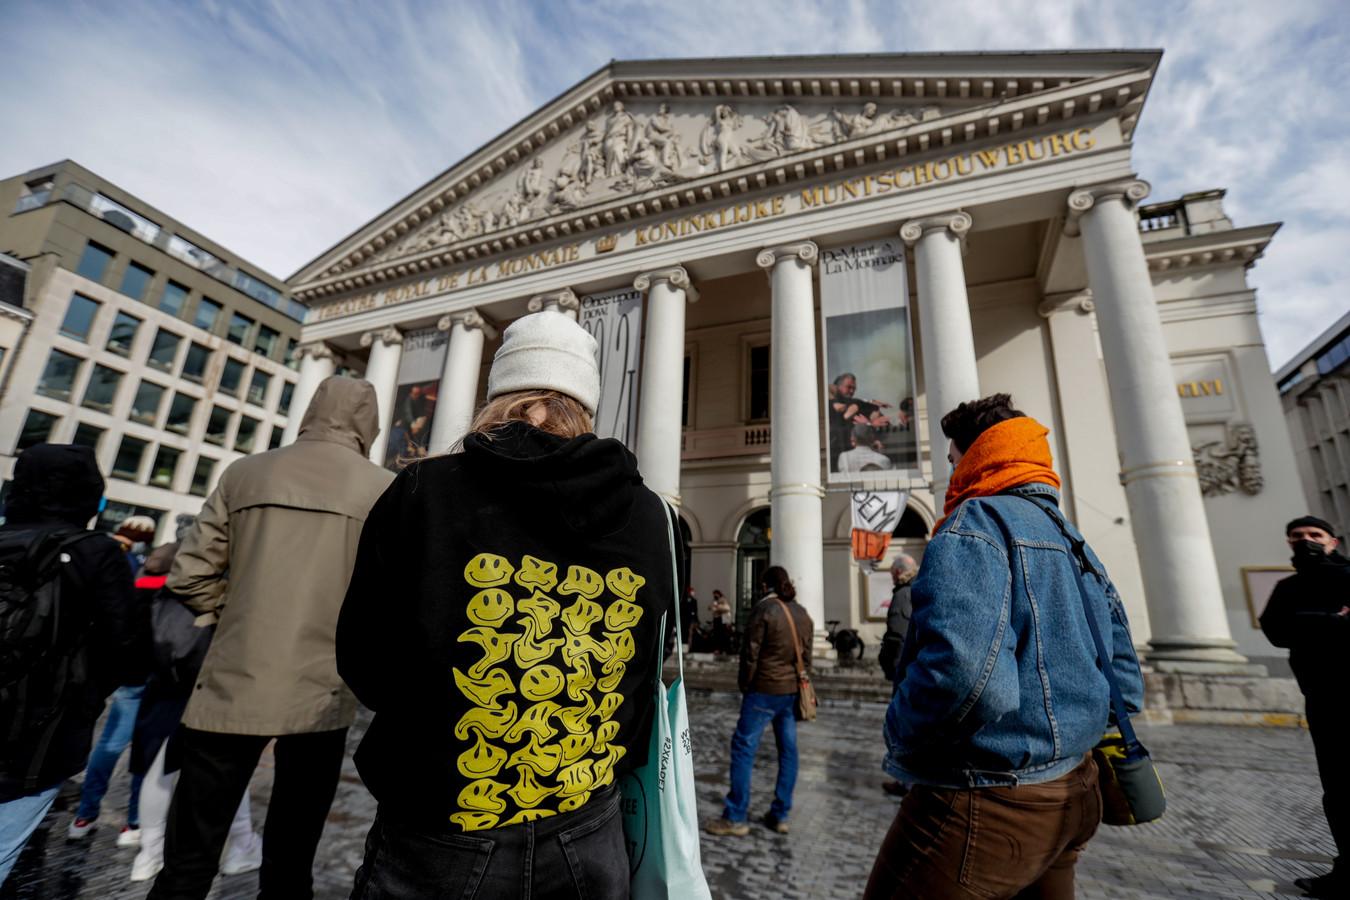 Au vu de la situation de crise dans laquelle se trouve le secteur culturel, plusieurs centres culturels, cinémas, théâtres et lieux associatifs s'apprêtent à rouvrir leurs portes au public entre le vendredi 30 avril et le samedi 8 mai.